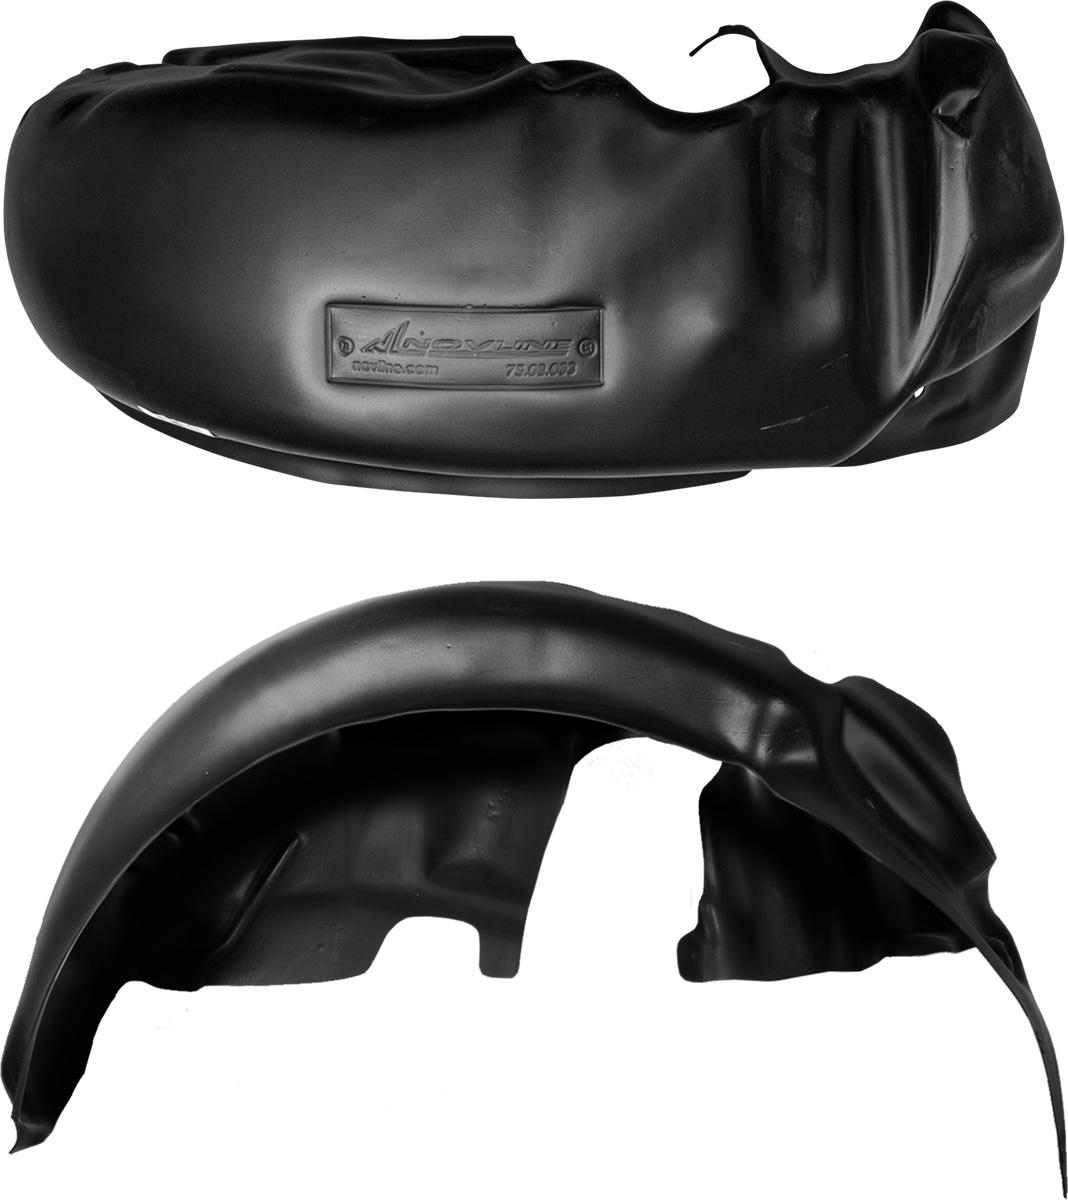 Подкрылок Novline-Autofamily, для Chevrolet Cobalt, 2013->, седан, задний левыйNLL.08.17.003Колесные ниши – одни из самых уязвимых зон днища вашего автомобиля. Они постоянно подвергаются воздействию со стороны дороги. Лучшая, почти абсолютная защита для них - специально отформованные пластиковые кожухи, которые называются подкрылками, или локерами. Производятся они как для отечественных моделей автомобилей, так и для иномарок. Подкрылки выполнены из высококачественного, экологически чистого пластика. Обеспечивают надежную защиту кузова автомобиля от пескоструйного эффекта и негативного влияния, агрессивных антигололедных реагентов. Пластик обладает более низкой теплопроводностью, чем металл, поэтому в зимний период эксплуатации использование пластиковых подкрылков позволяет лучше защитить колесные ниши от налипания снега и образования наледи. Оригинальность конструкции подчеркивает элегантность автомобиля, бережно защищает нанесенное на днище кузова антикоррозийное покрытие и позволяет осуществить крепление подкрылков внутри колесной арки практически без дополнительного крепежа и сверления, не нарушая при этом лакокрасочного покрытия, что предотвращает возникновение новых очагов коррозии. Технология крепления подкрылков на иномарки принципиально отличается от крепления на российские автомобили и разрабатывается индивидуально для каждой модели автомобиля. Подкрылки долговечны, обладают высокой прочностью и сохраняют заданную форму, а также все свои физико-механические характеристики в самых тяжелых климатических условиях ( от -50° С до + 50° С).